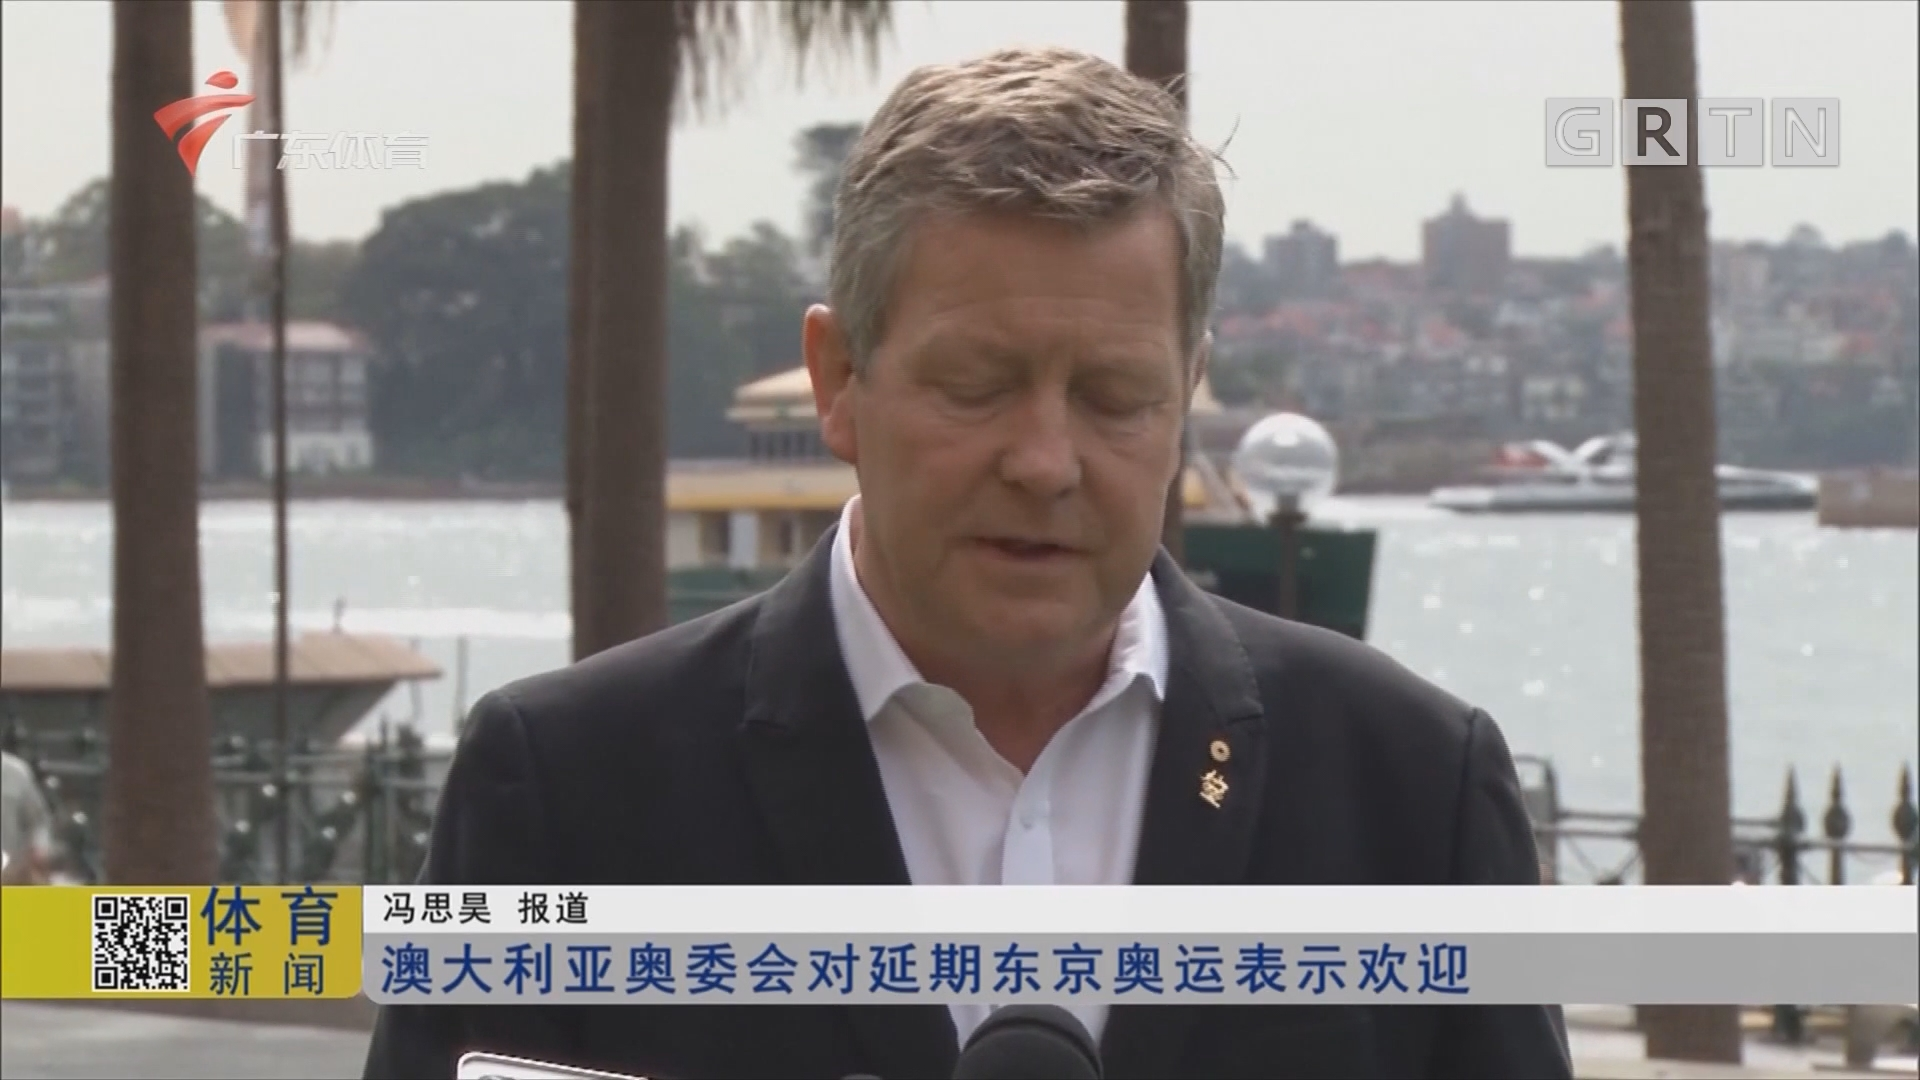 澳大利亚奥委会对延期东京奥运表示欢迎